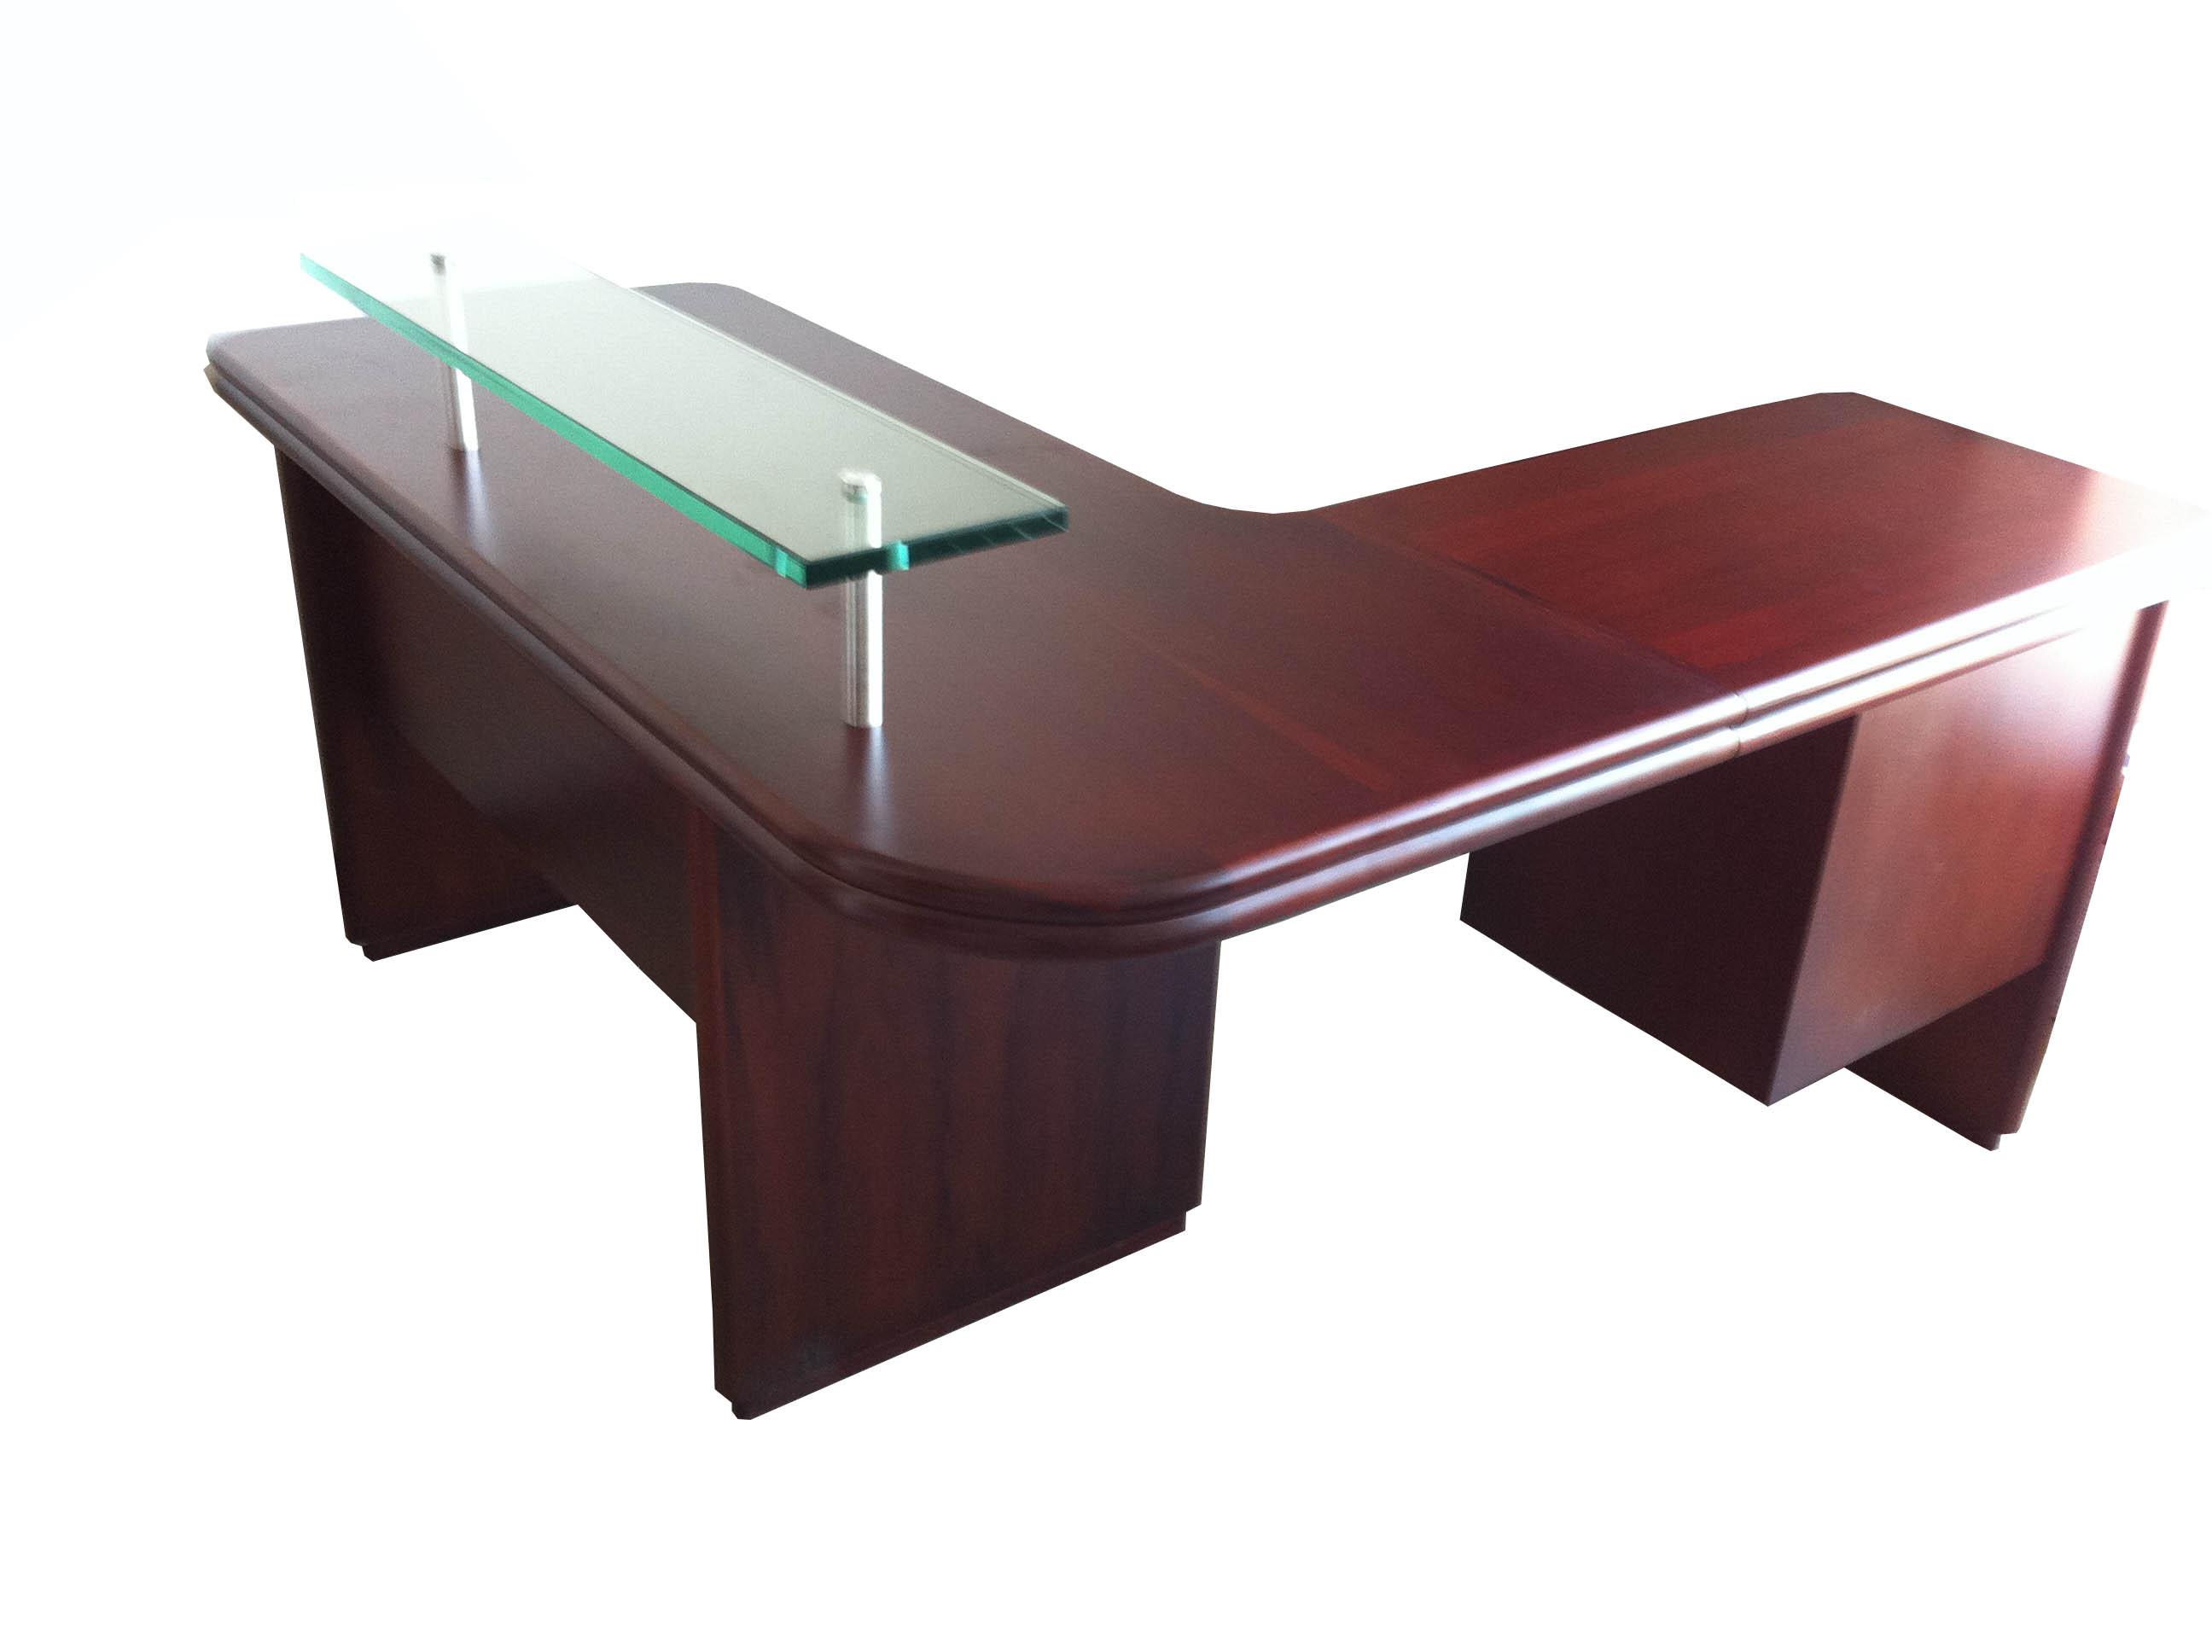 Muebles bogota muebles oficina sillas archivadores for Muebles oficina cristal